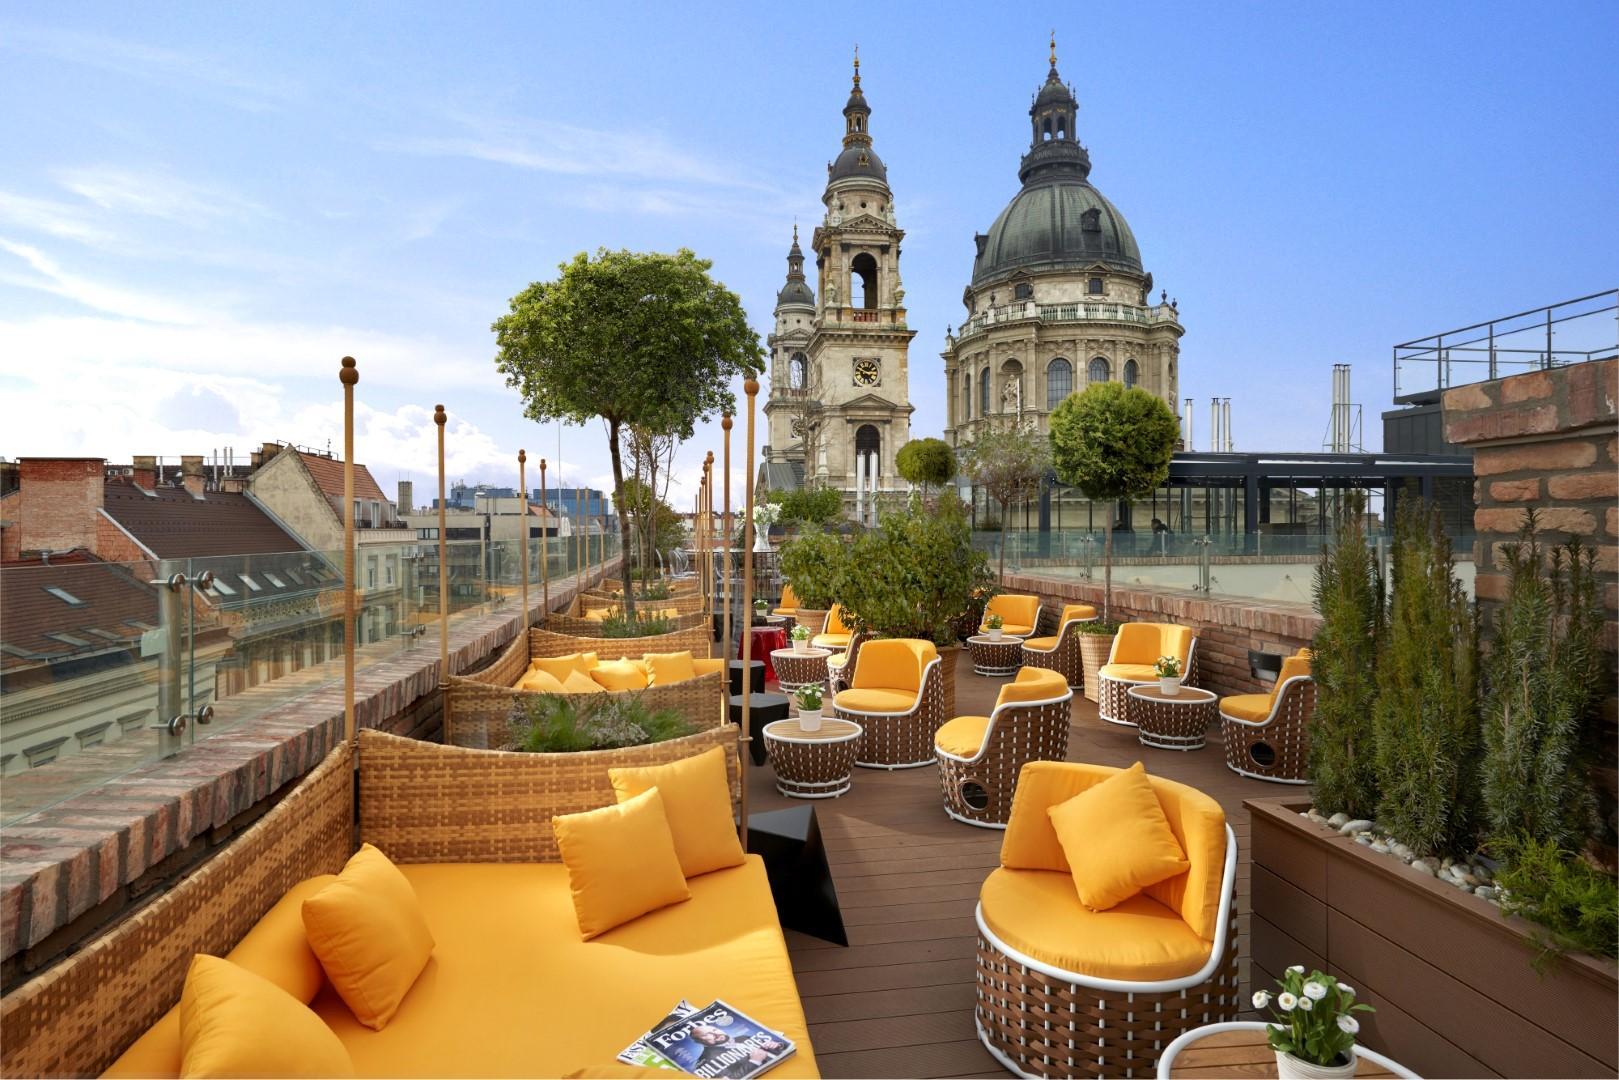 Hotel migliori del mondo l italia al top tgcom24 for L hotel piu bello del mondo